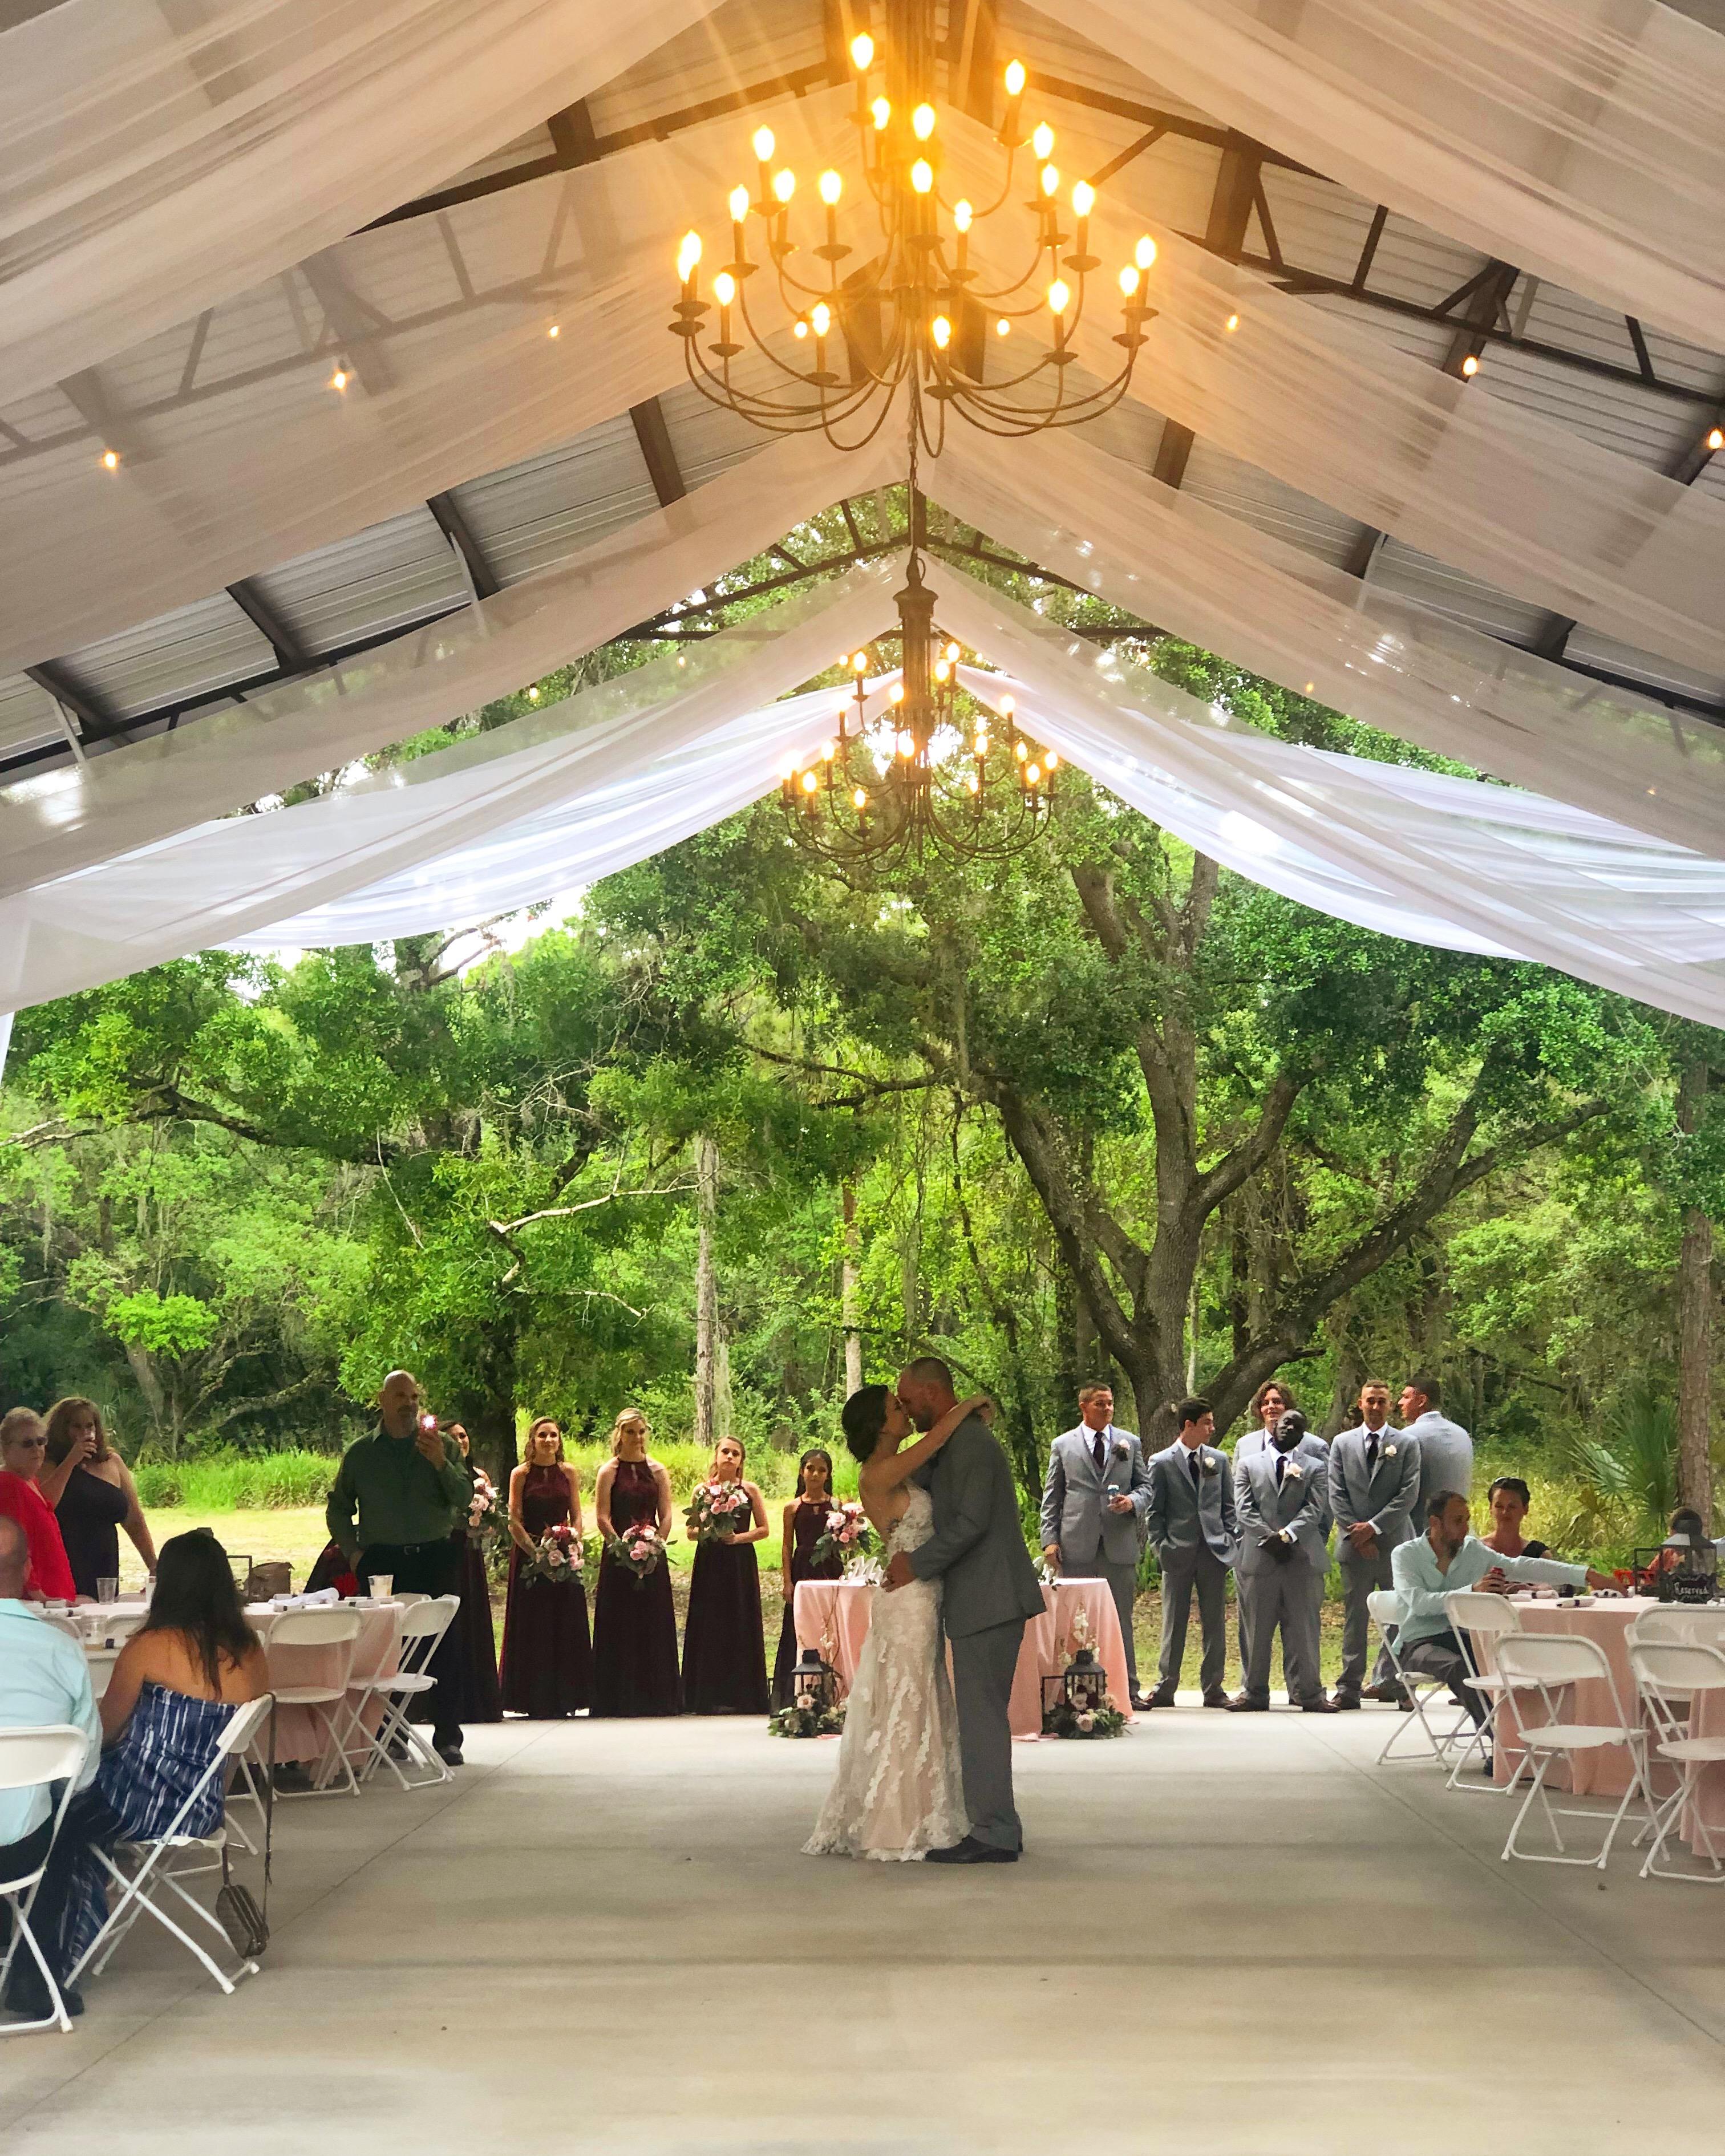 Wedding Venues In Florida.Rustic Wedding Venue Bayshore Ranch Weddings Fort Myers Florida